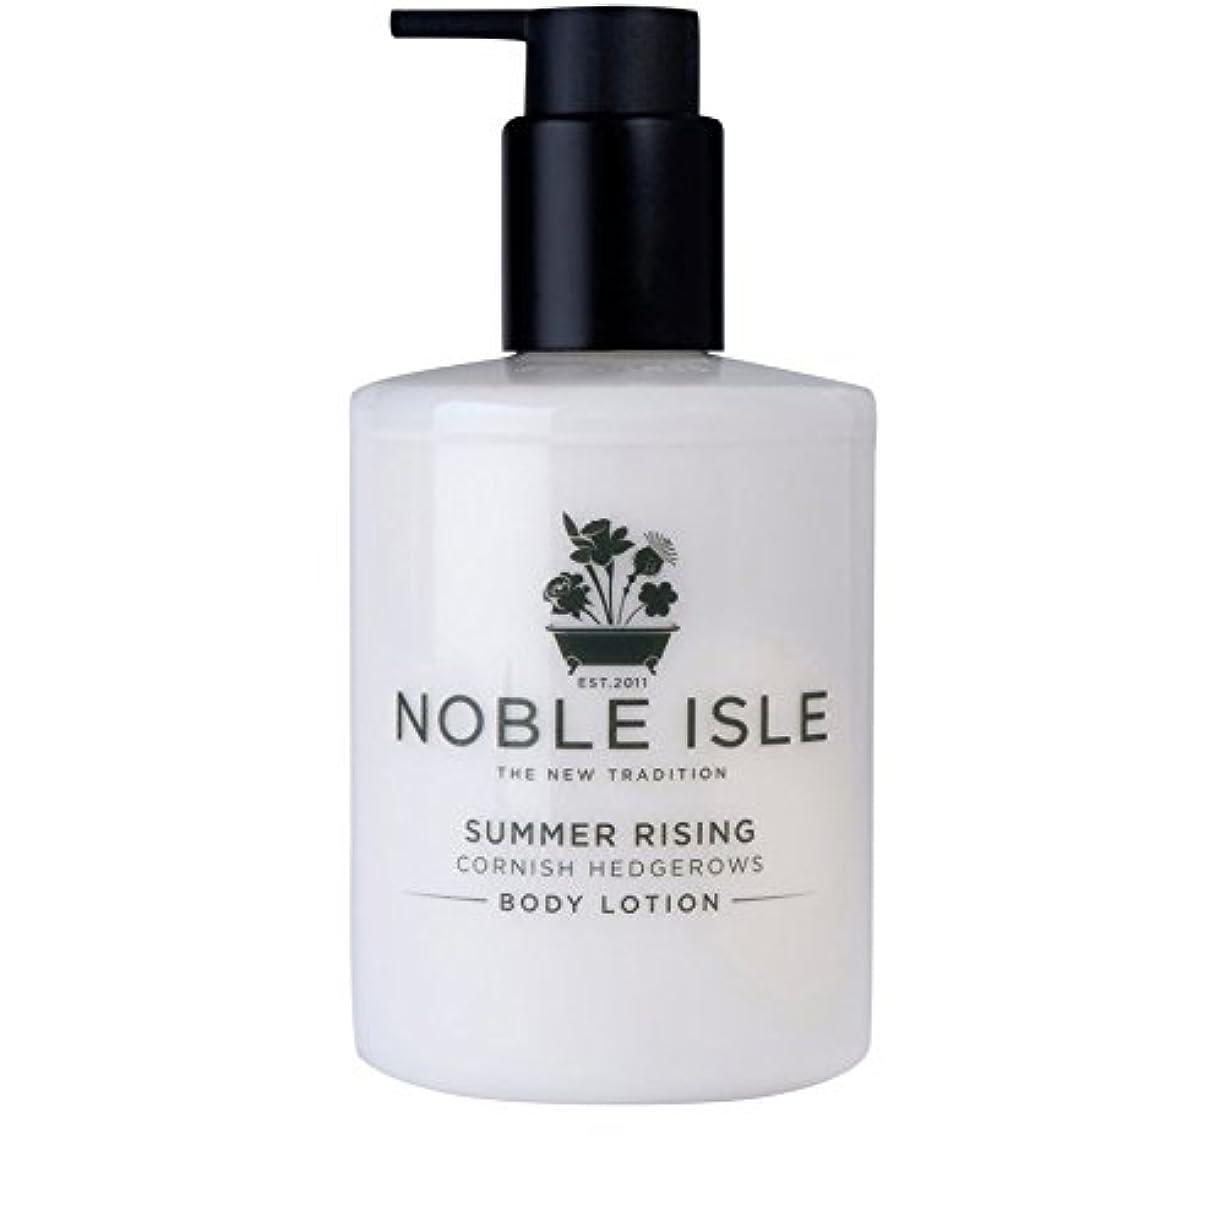 囲まれた少しつばコーニッシュ生け垣ボディローション250ミリリットルを上昇高貴な島の夏 x4 - Noble Isle Summer Rising Cornish Hedgerows Body Lotion 250ml (Pack of...